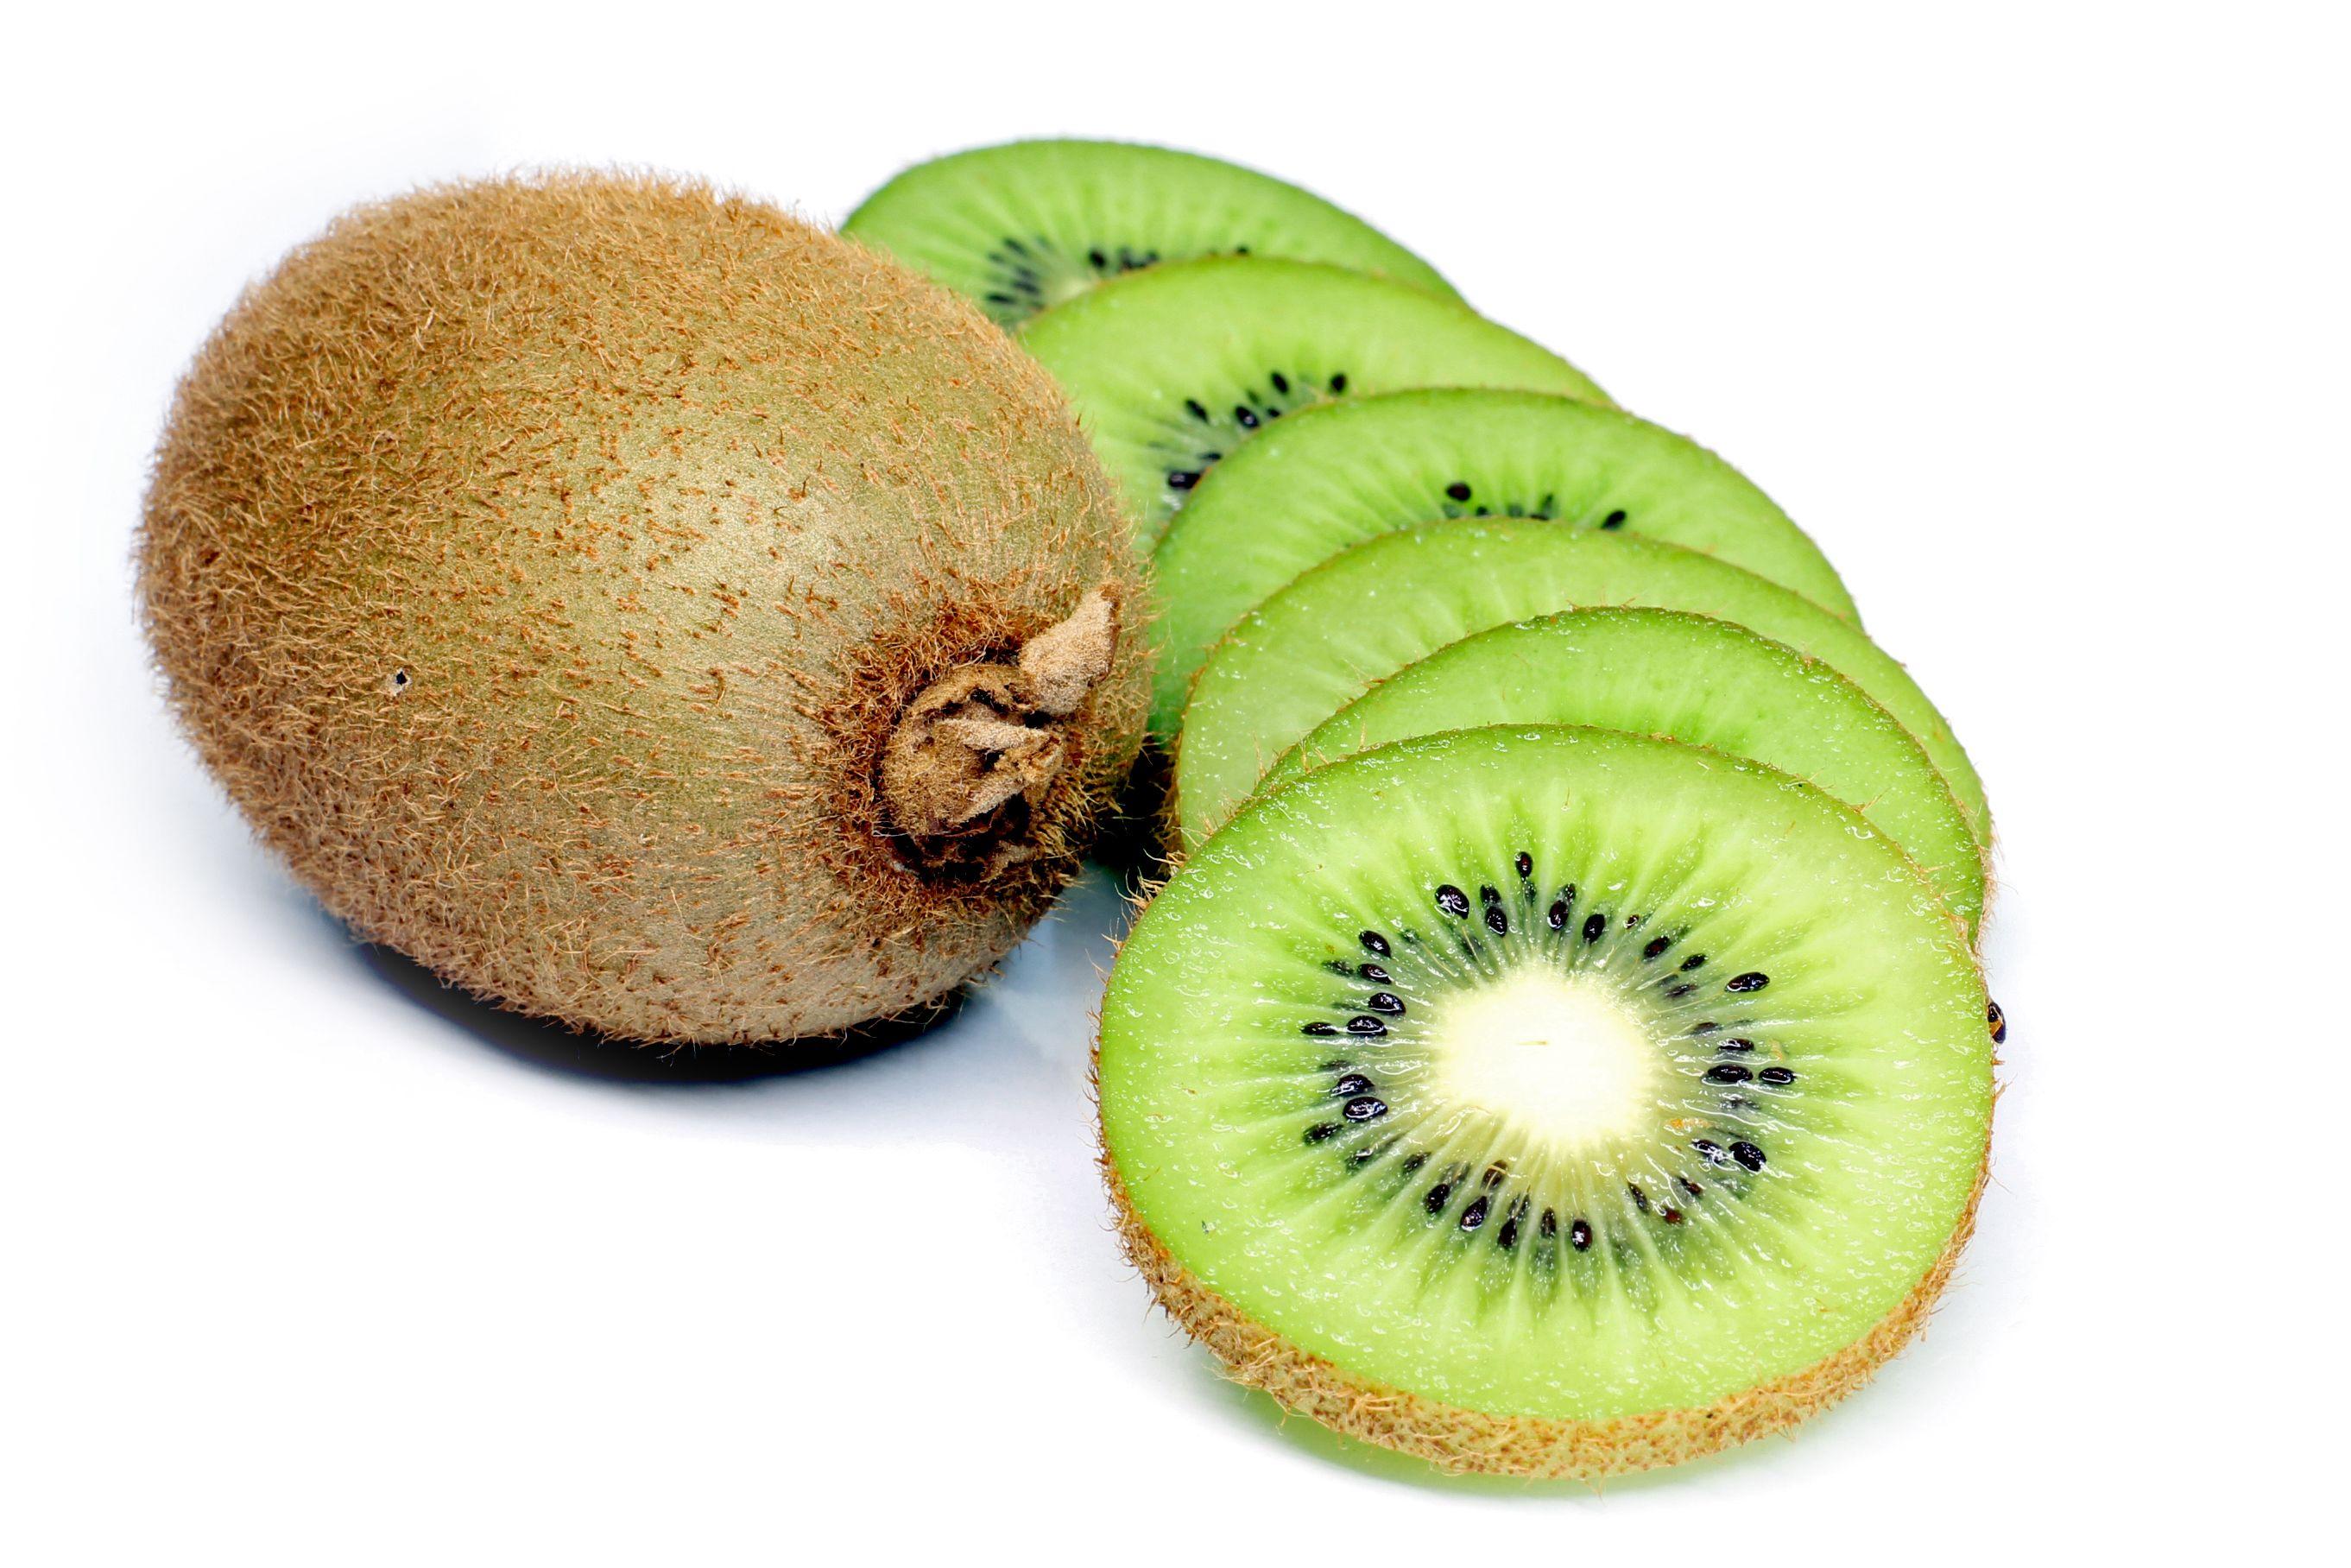 Imagini pentru kiwi